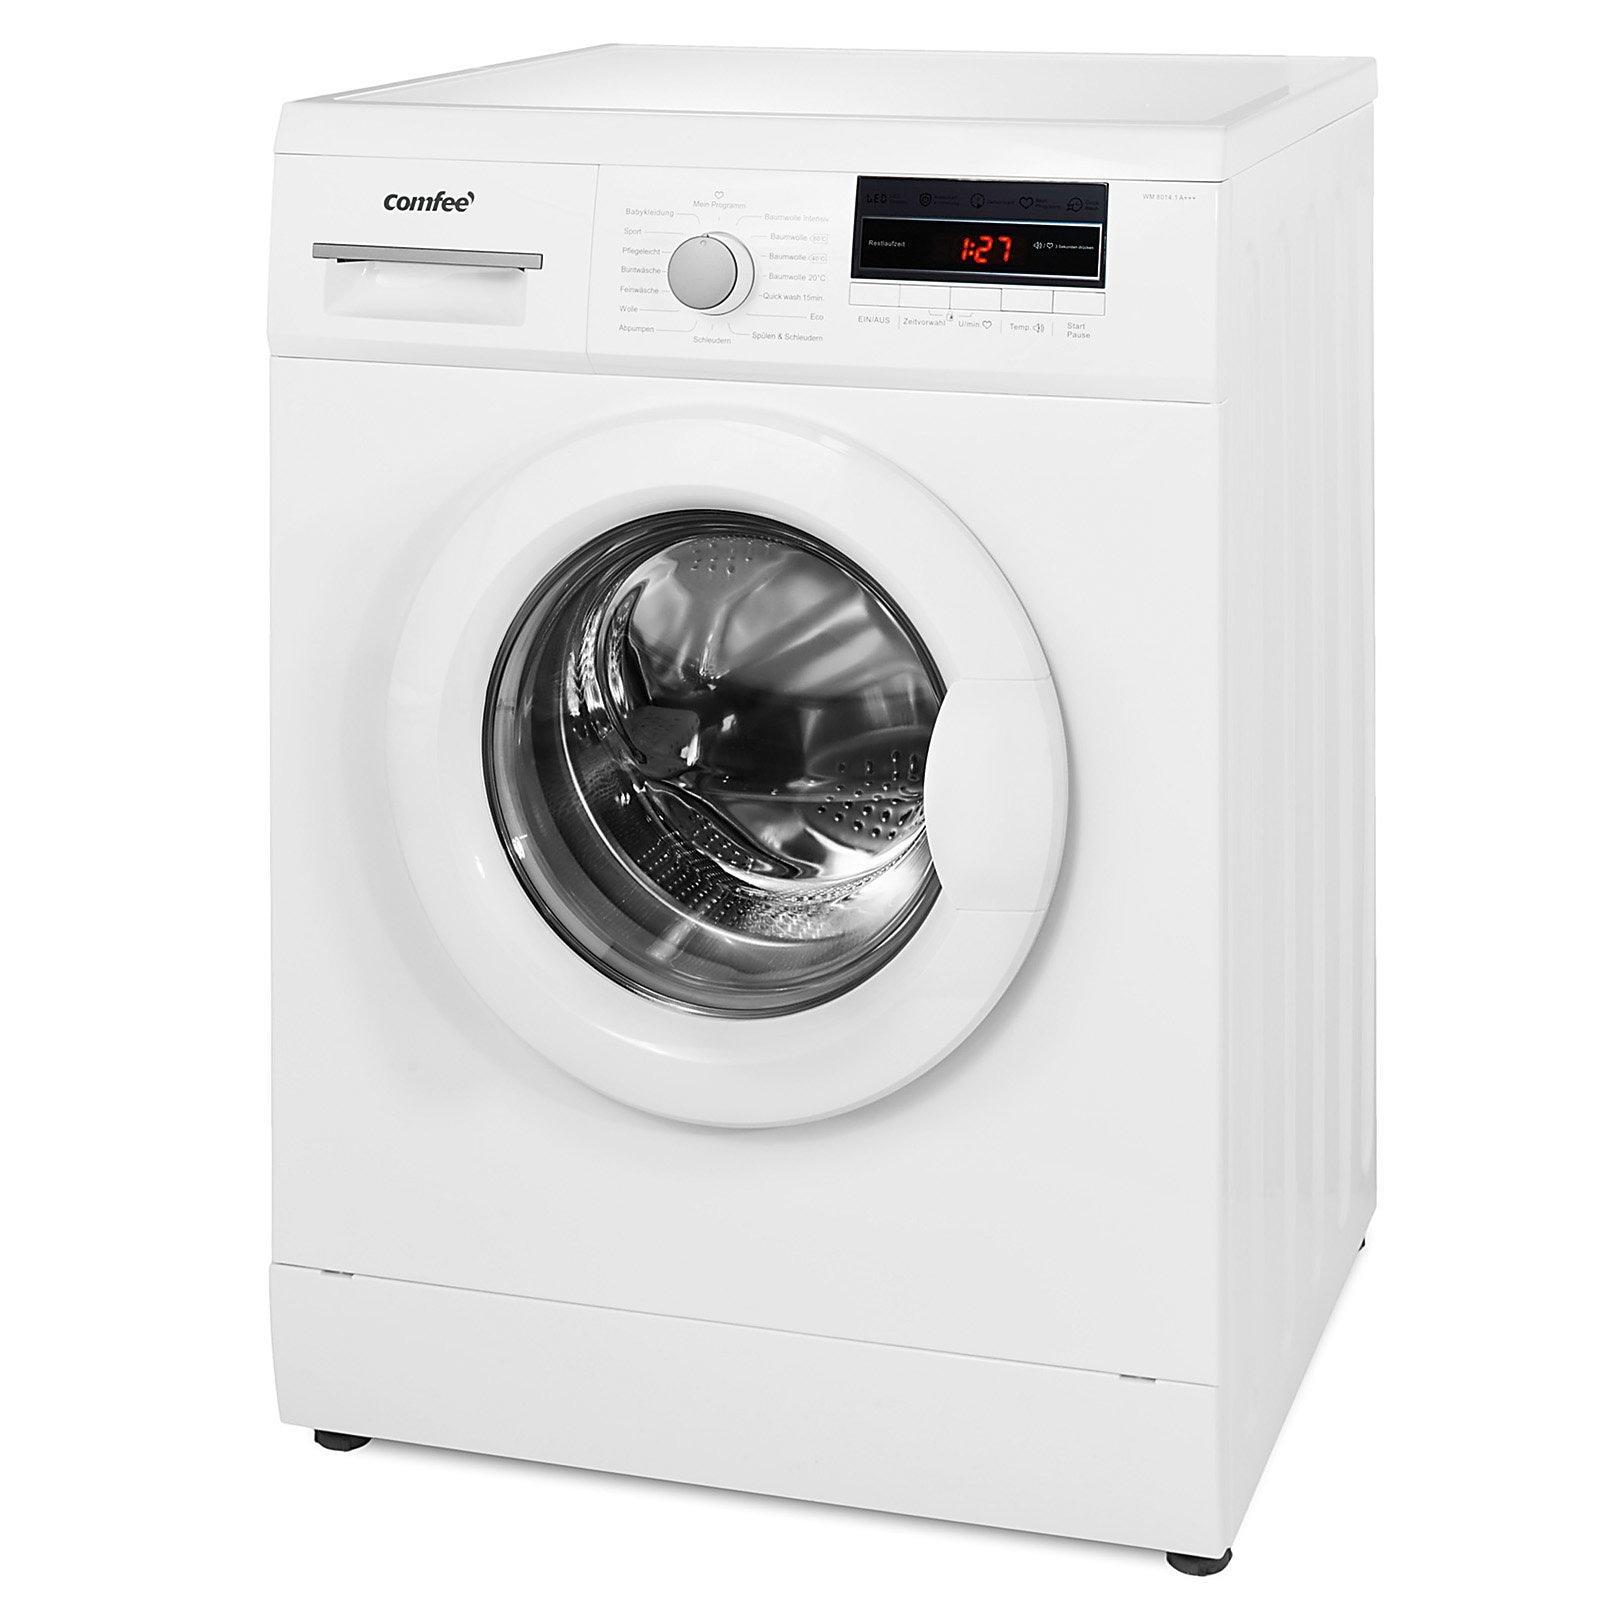 Waschmaschine mit 1400U/Min, Zeitvorwahl, Aquastop für bei ROLLER (bis Samstag 14.04.)